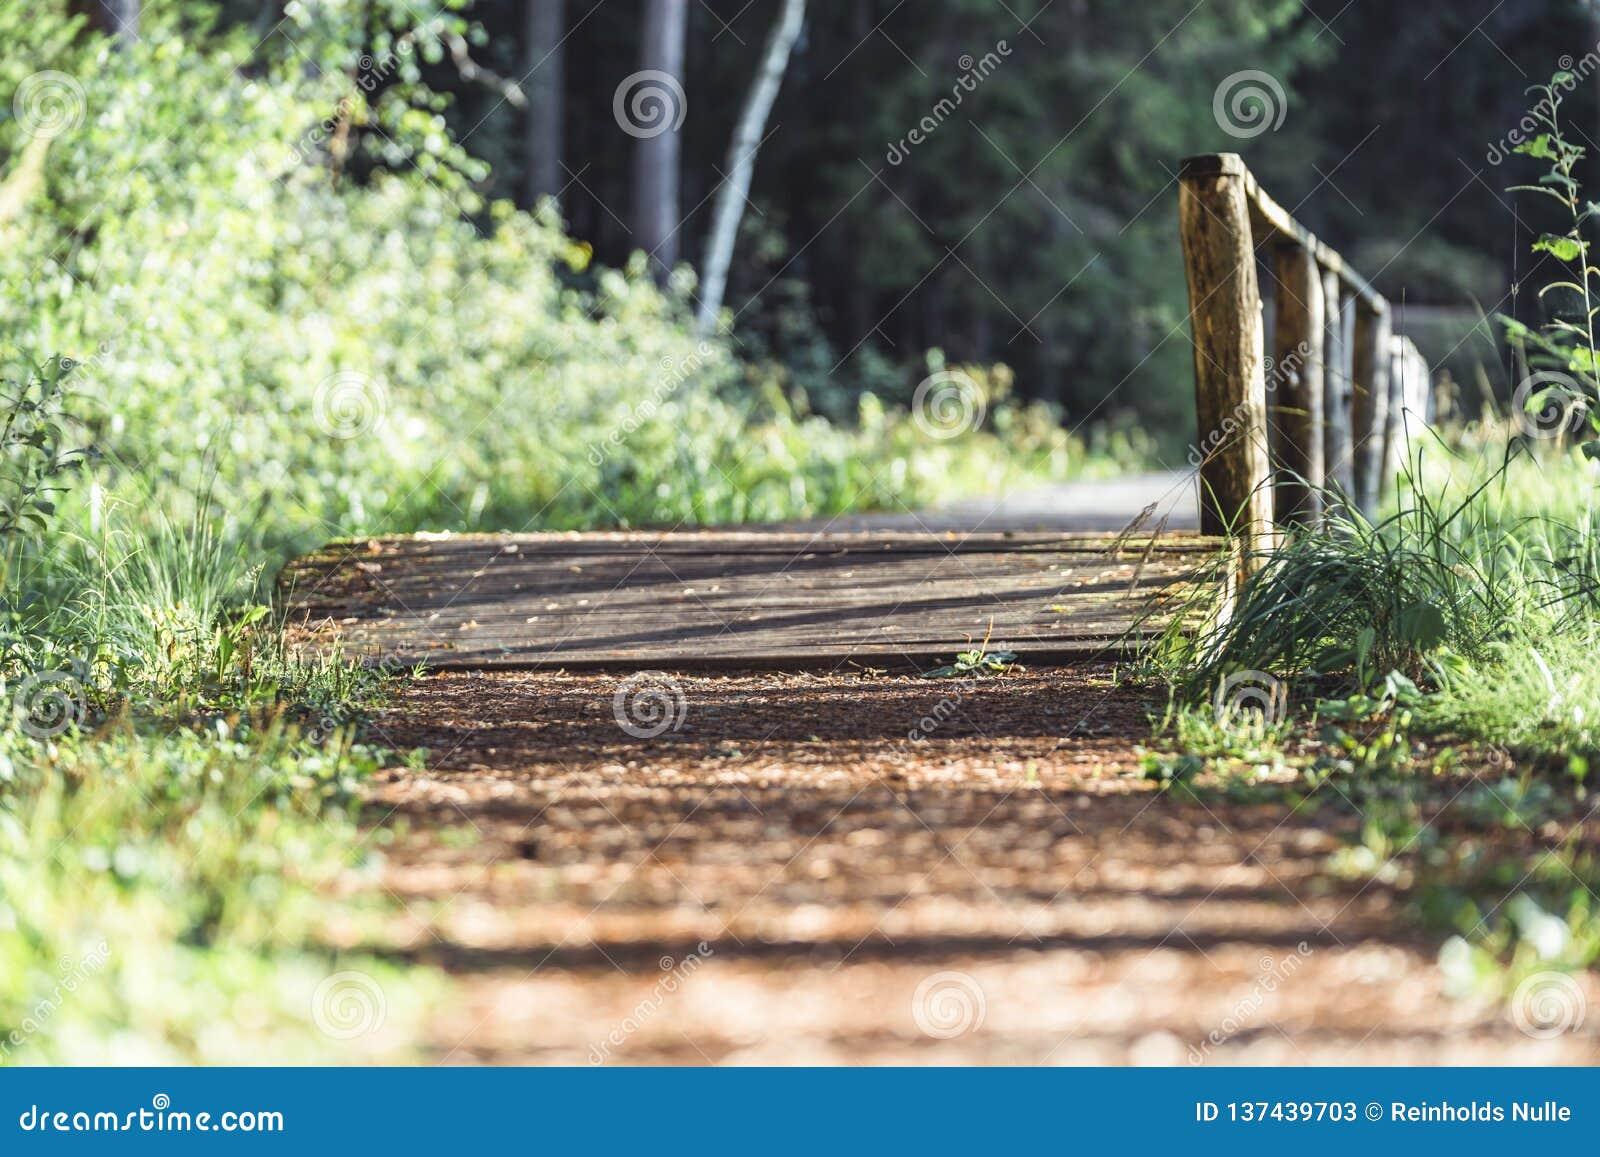 Ansicht Forest Roads, Überschrift tiefer im Wald auf Sunny Summer Day, teils unscharfes Bild mit freiem Raum für Text